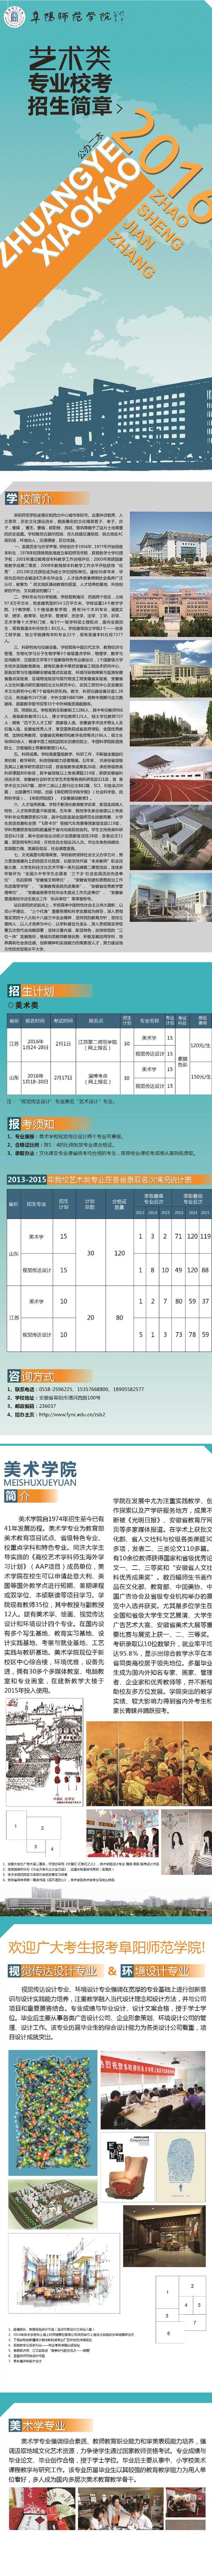 阜阳师范学院2016年省外艺术类专业校考招生简章